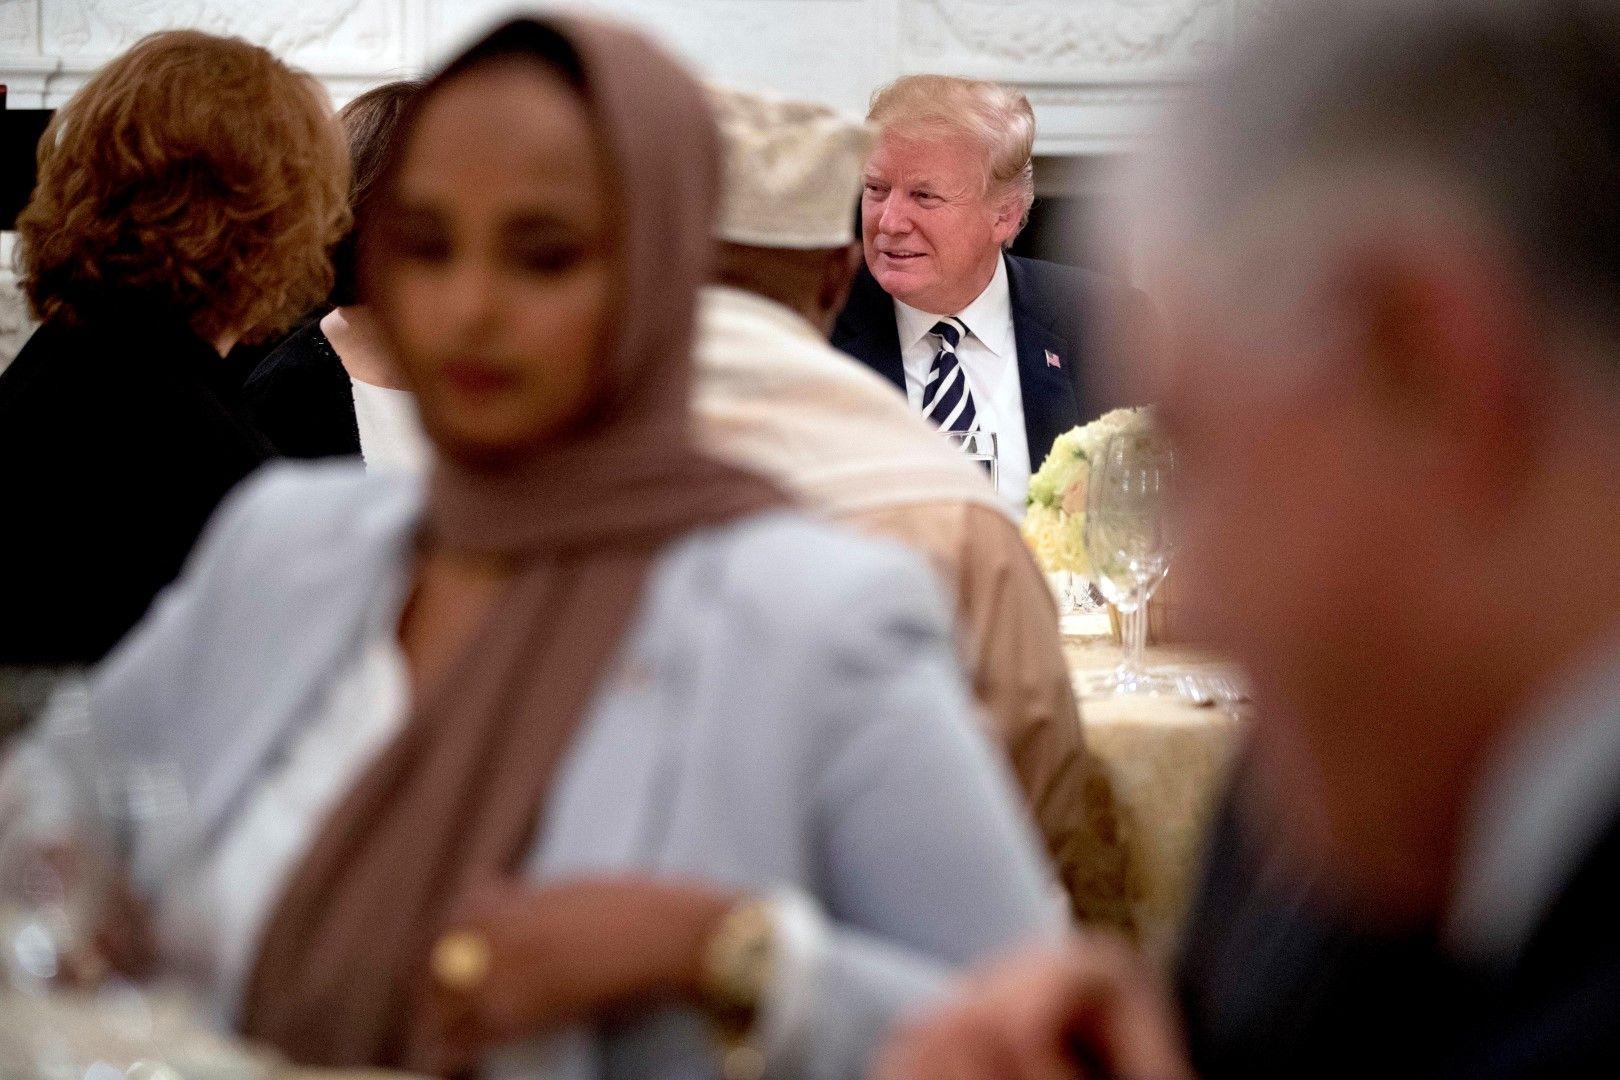 Събрали сме се да почетем една свещена традиция, каза президентът